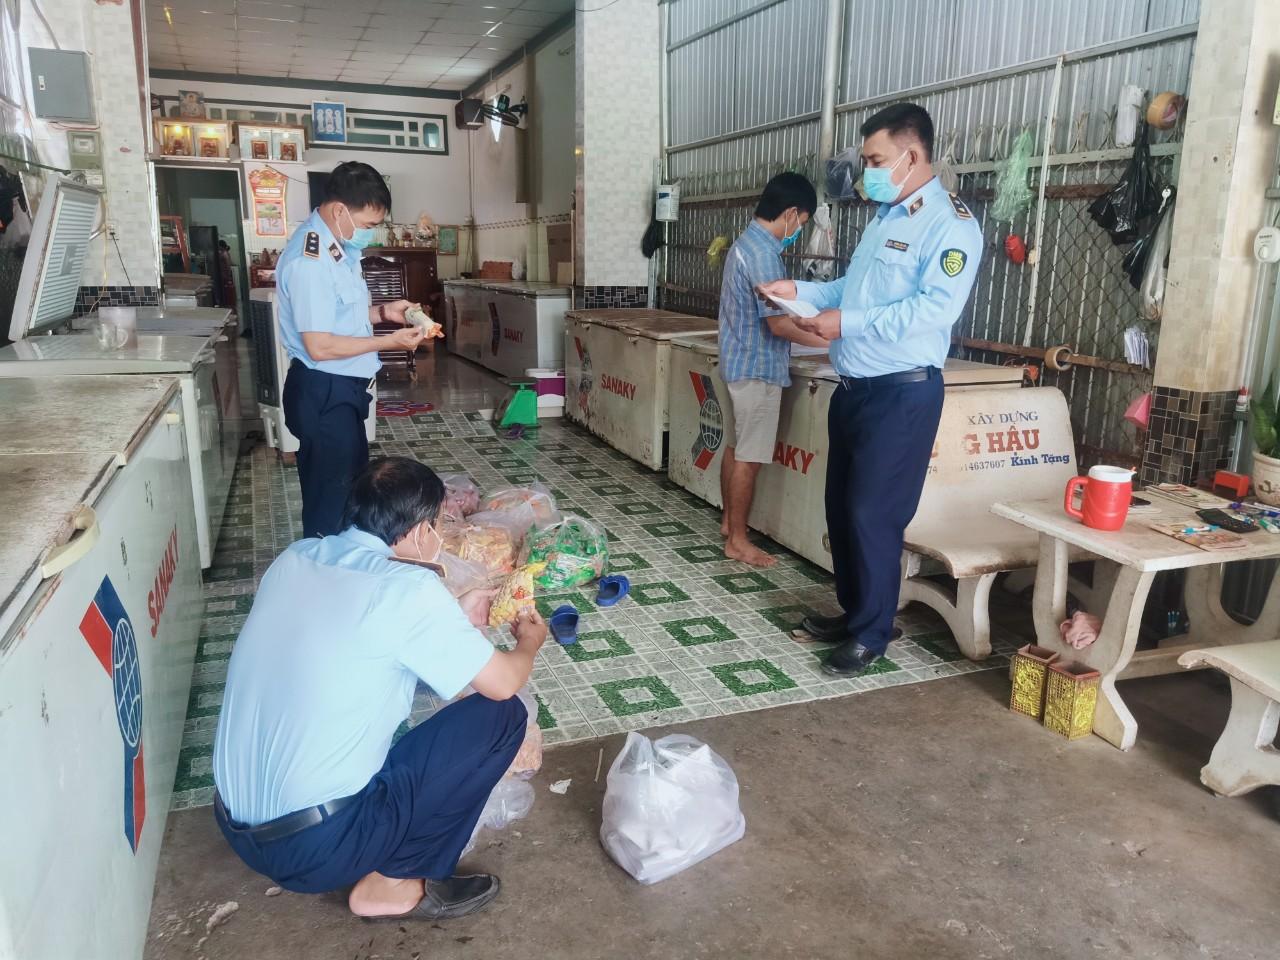 Đội QLTT số 4 thuộc Cục QLTT Bạc Liêu phát hiện gần 200 kg thực  phẩm đông lạnh vi phạm quy định về nhãn hàng hóa.